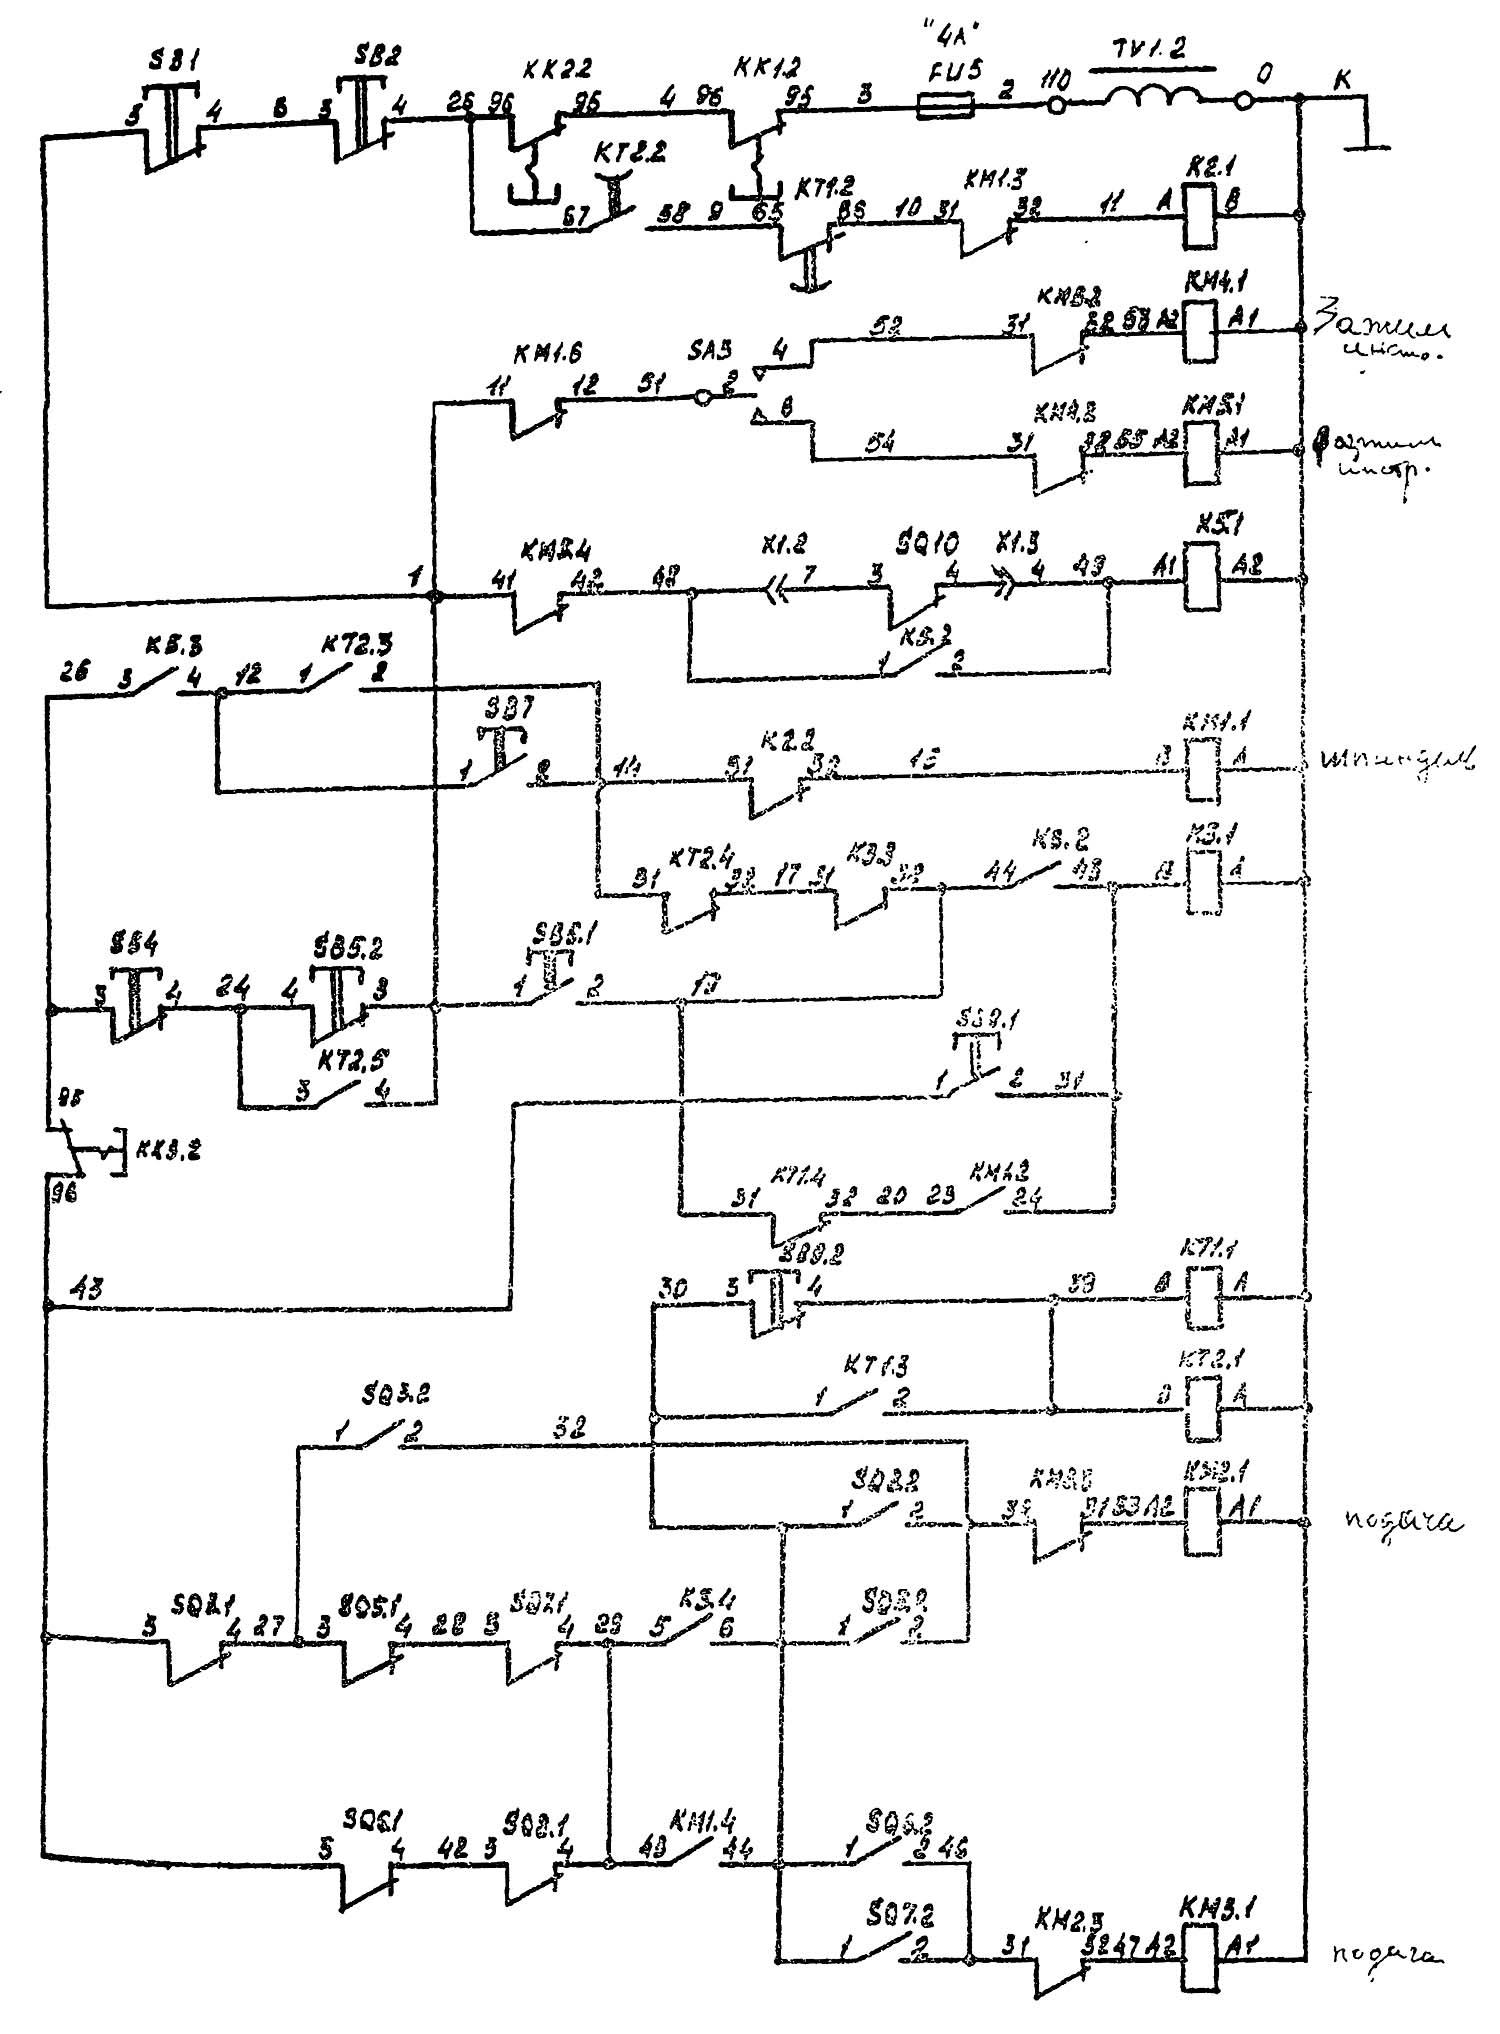 Станок вертикально фрезерный вм127 технические характеристики - клуб строителей